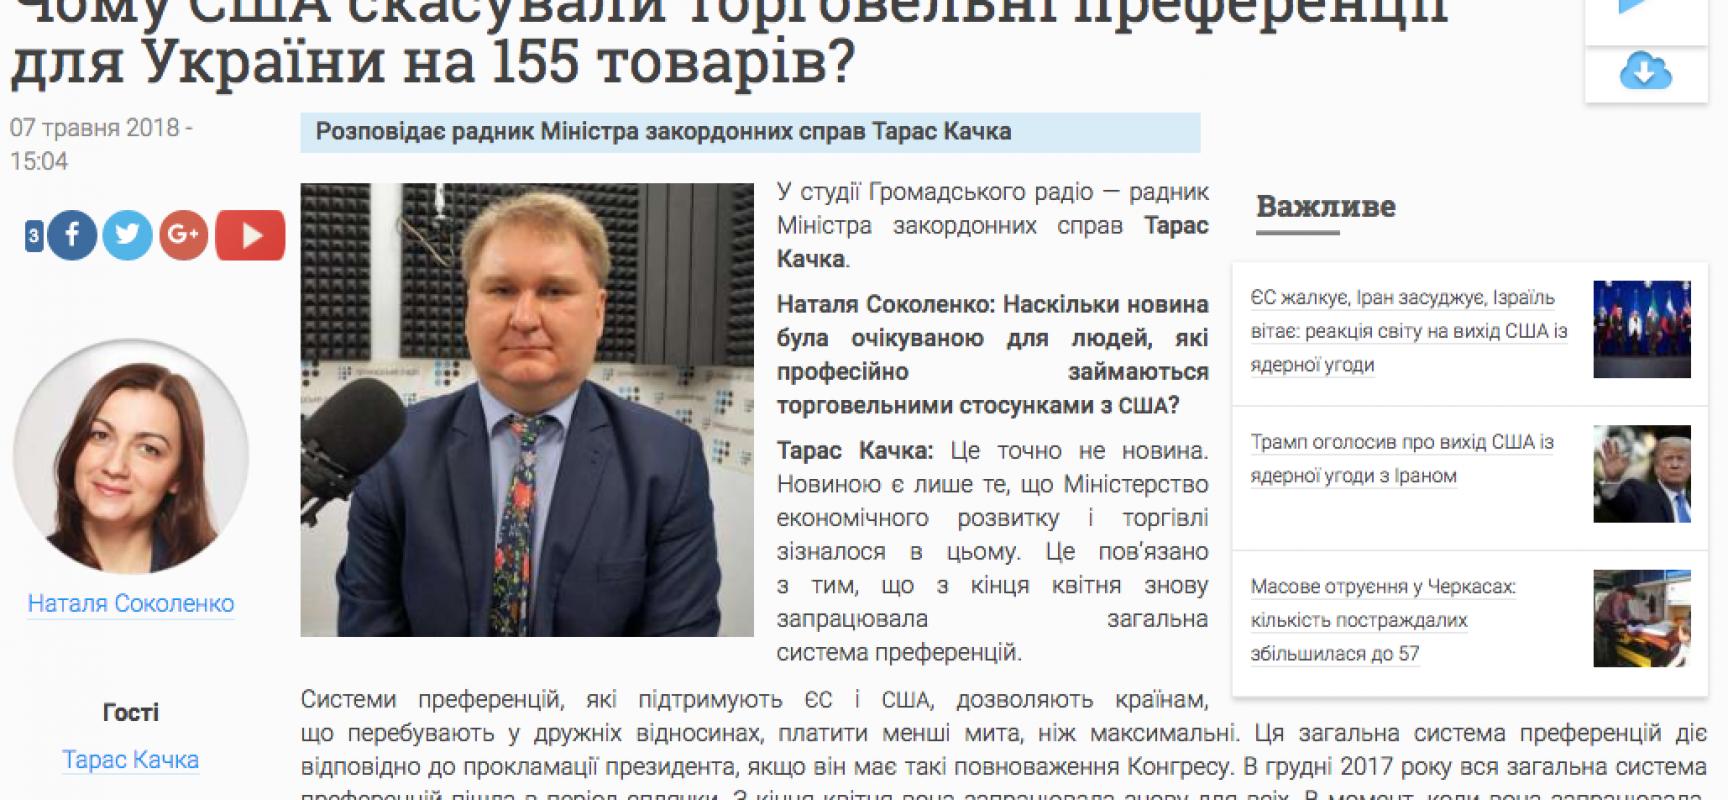 Fake: Gli Stati Uniti hanno vietato l'importazione in franchigia di 155 tipi delle merci dall'Ucraina a causa della situazione politica